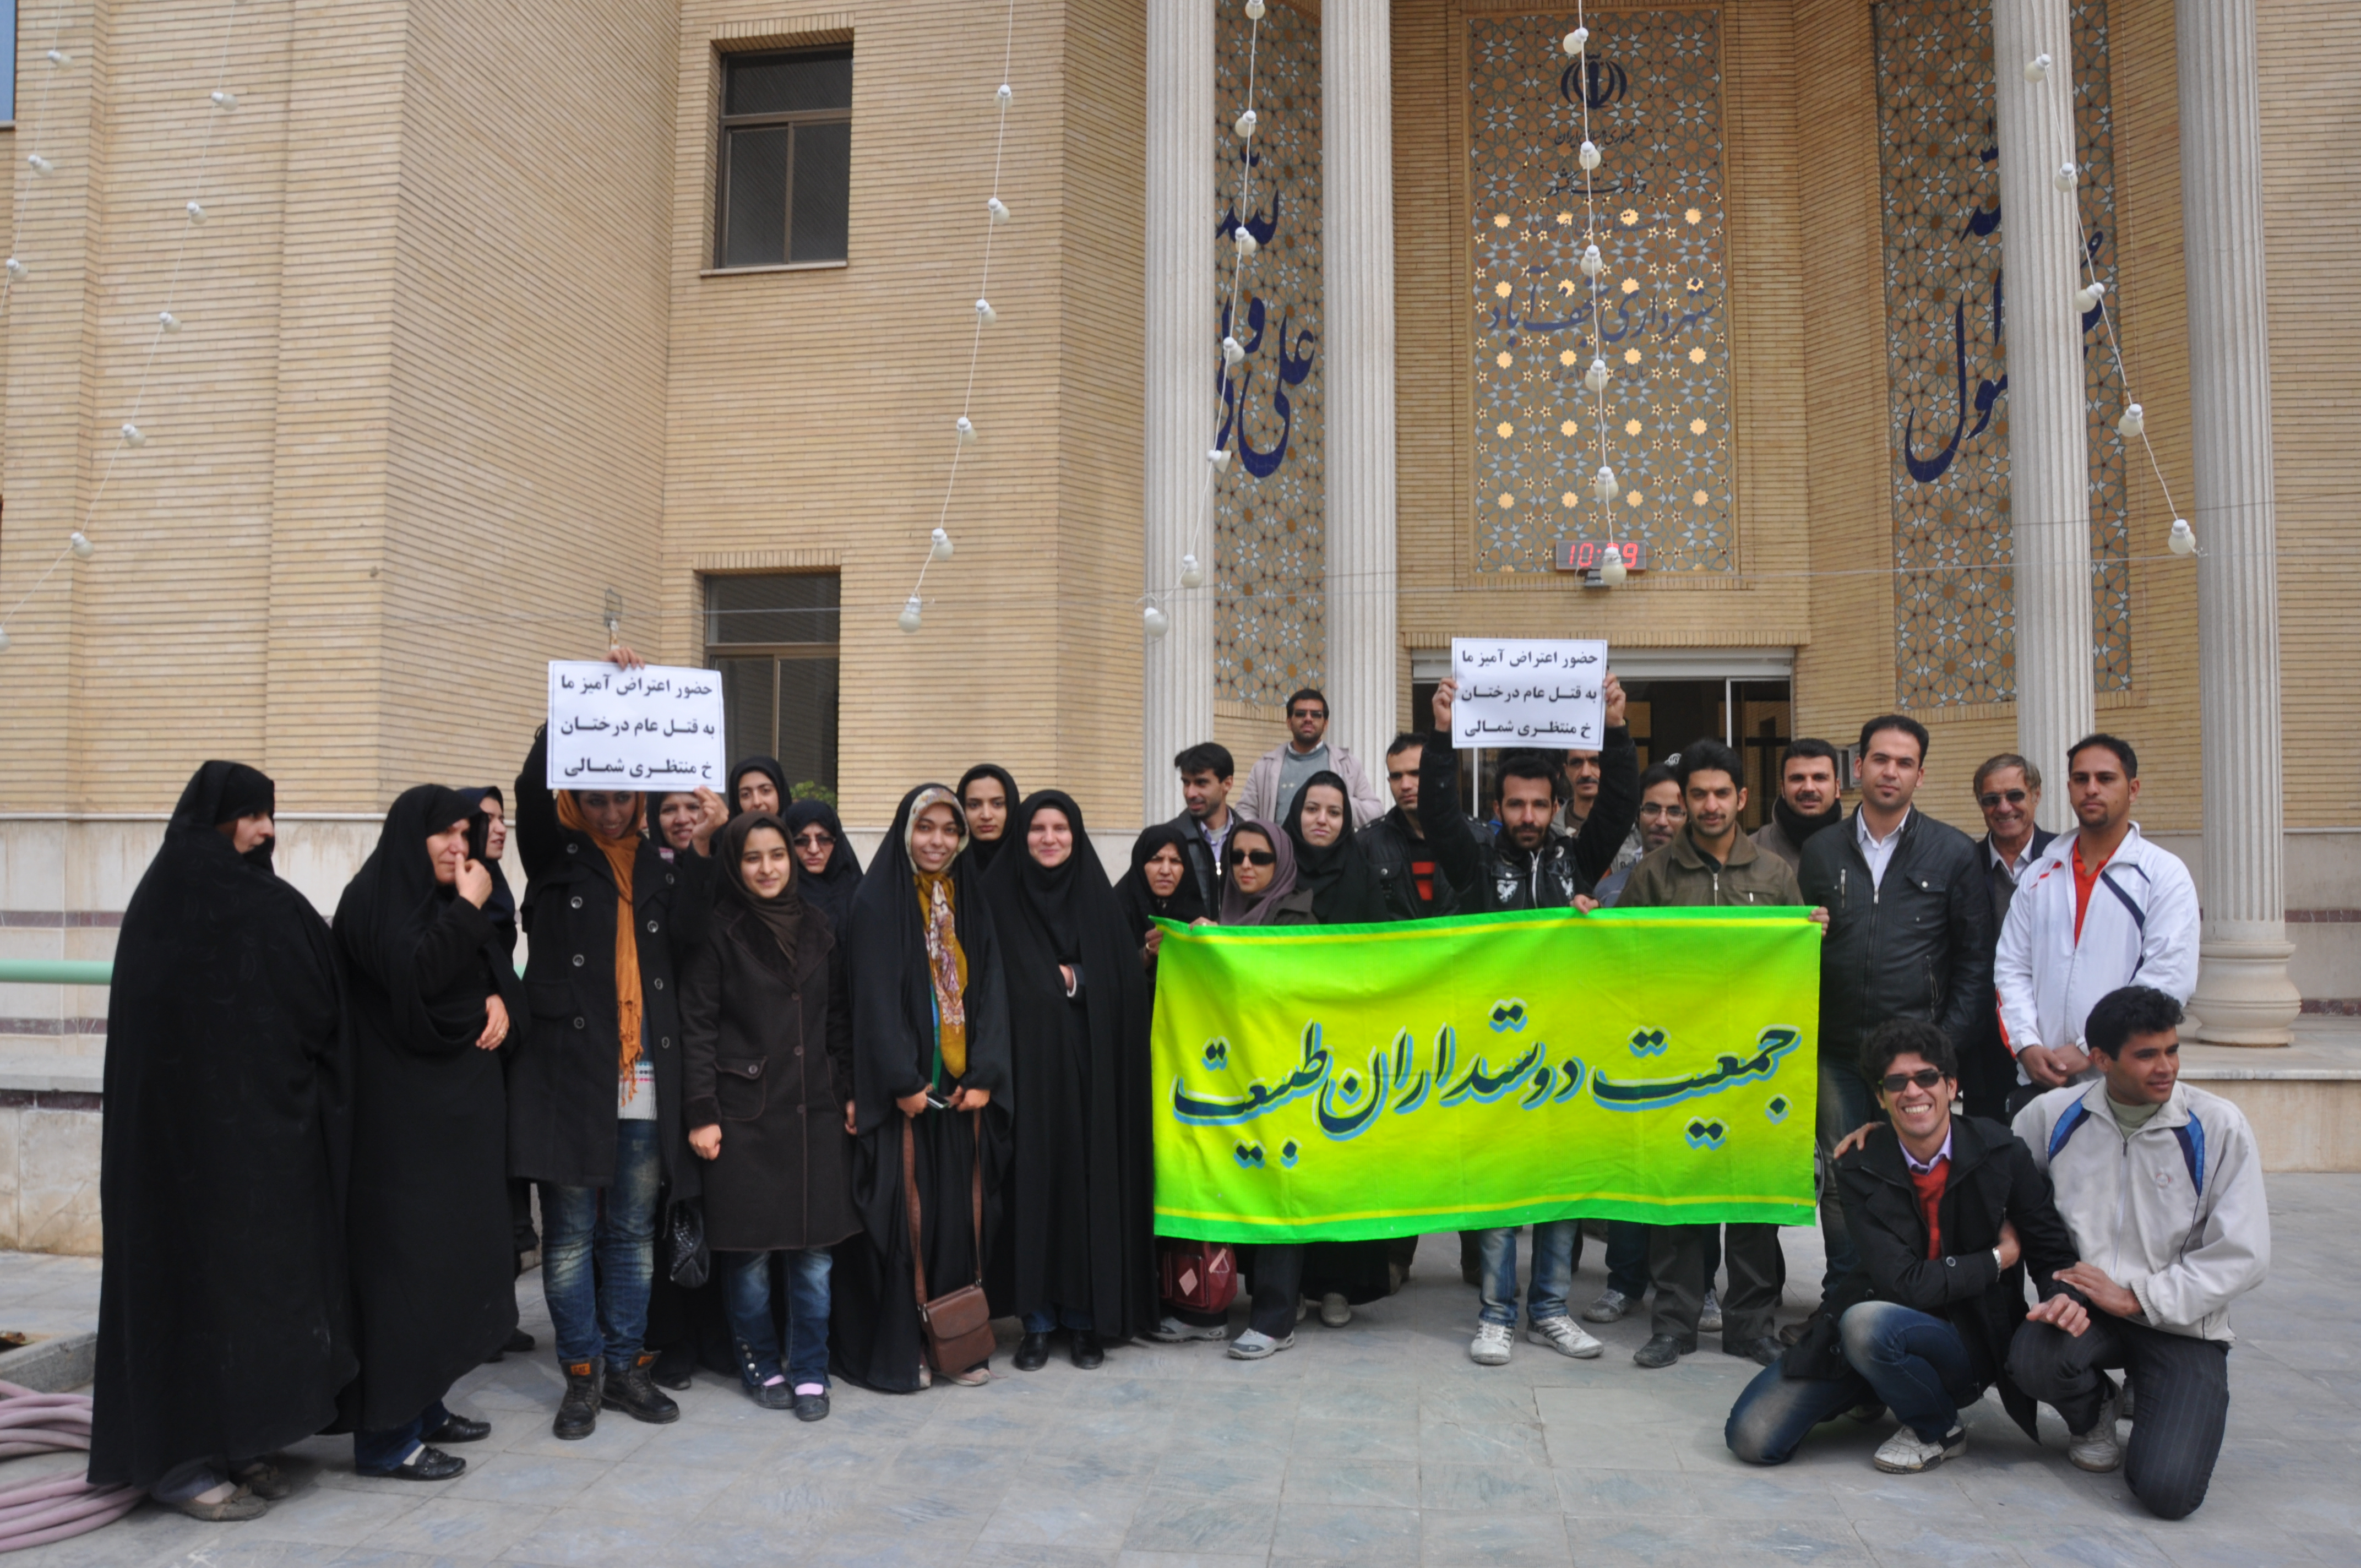 شهرداری با دوستداران محیط زیست نجف آباد به منظور حفظ میراث طبیعی توافق کردند